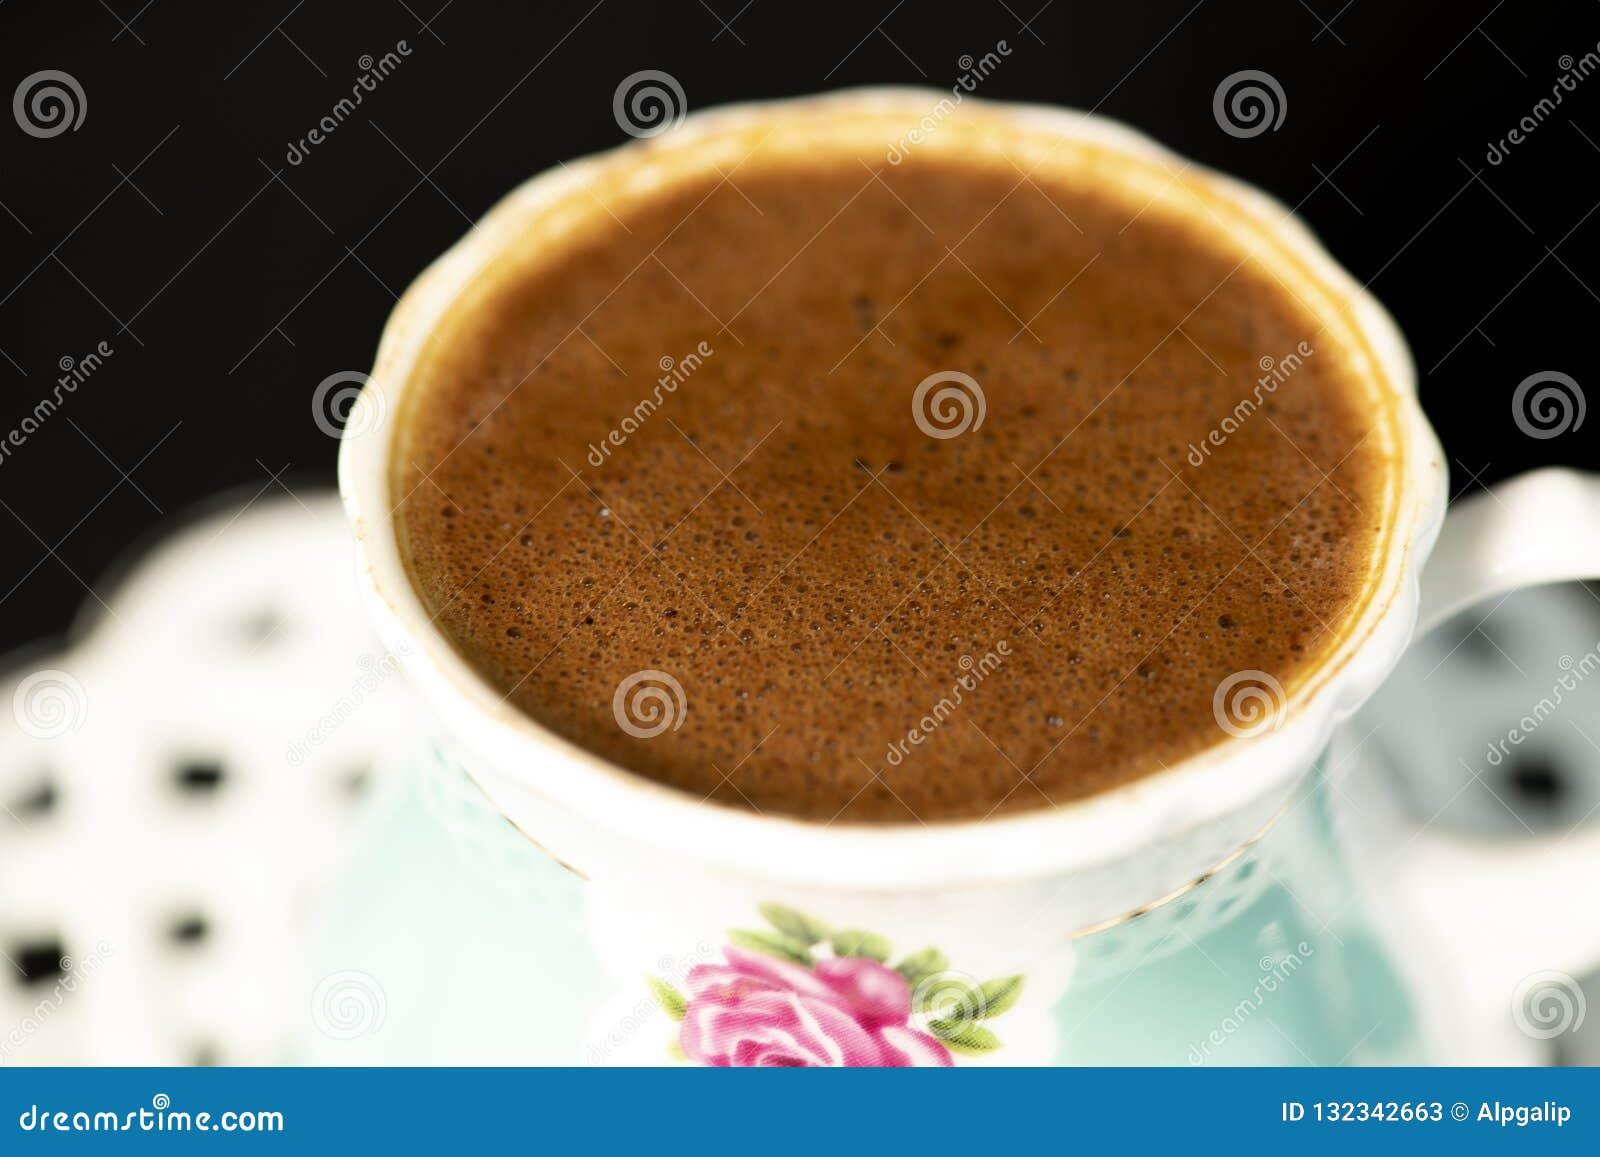 Türkischer Kaffee und Glas Wasser